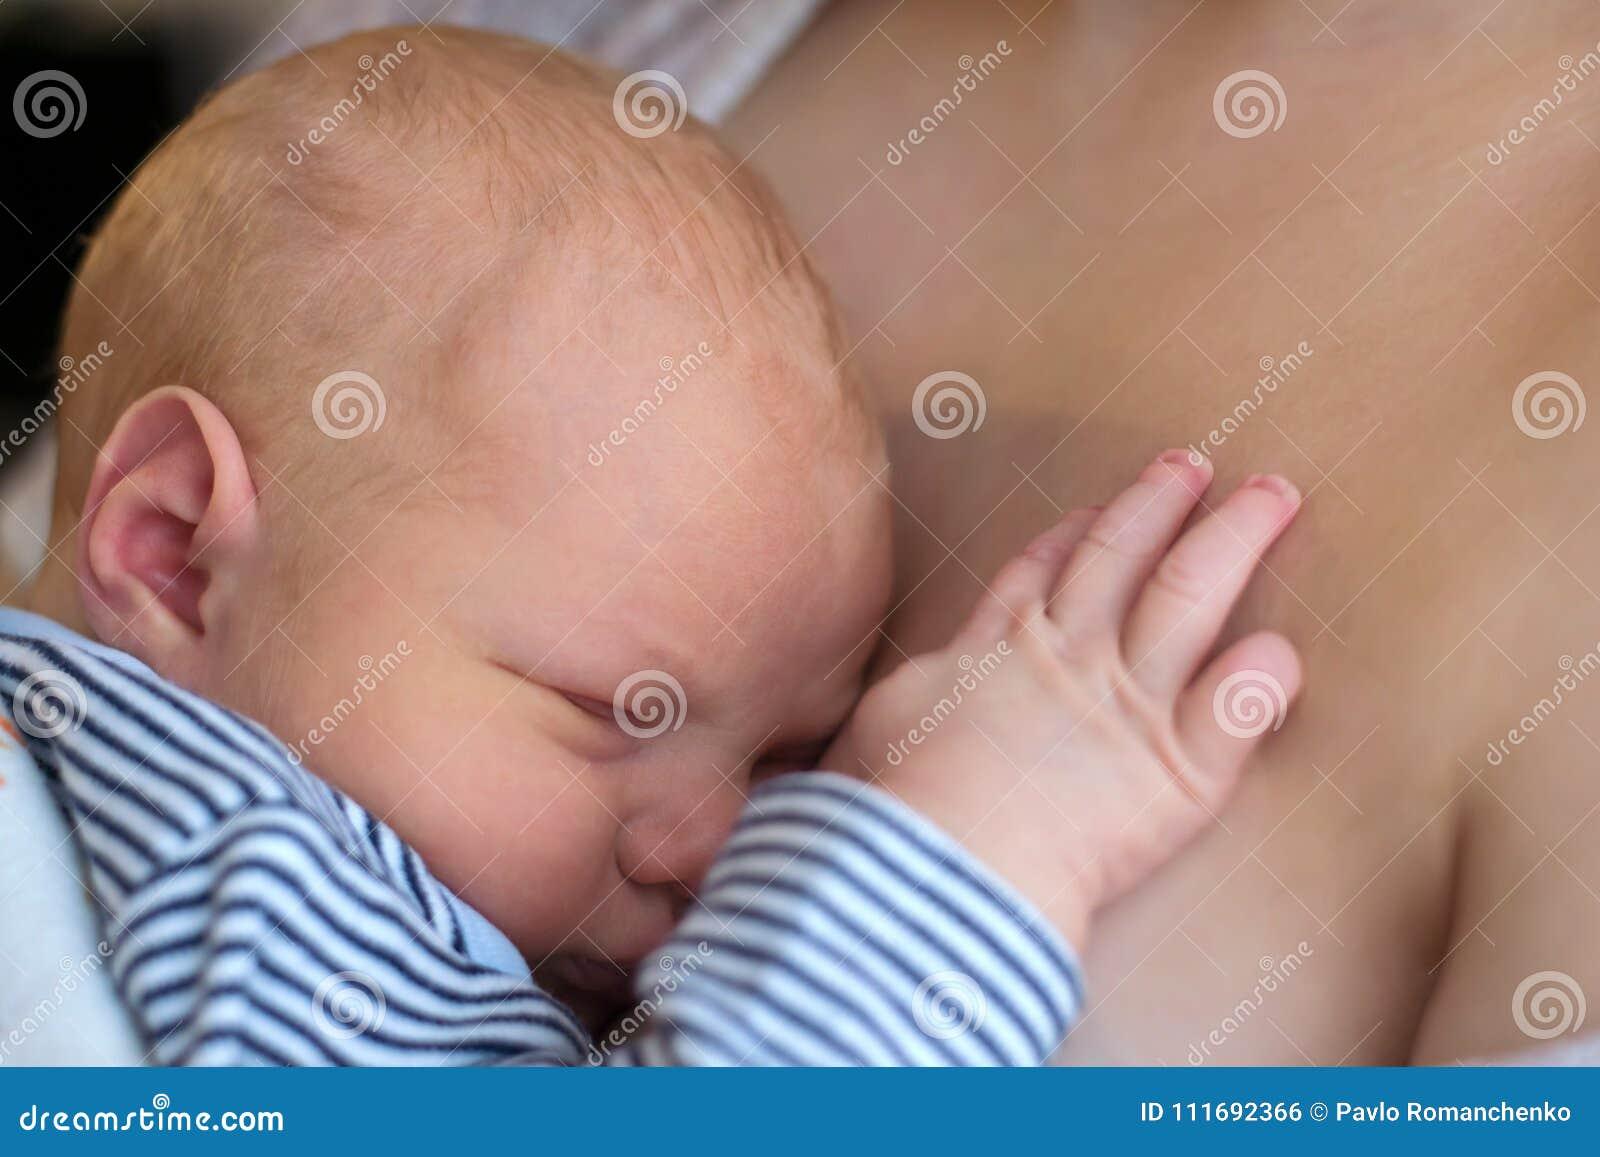 Neugeborenes Baby Das Auf Seiner Mutter S Brust Schläft Stockfoto